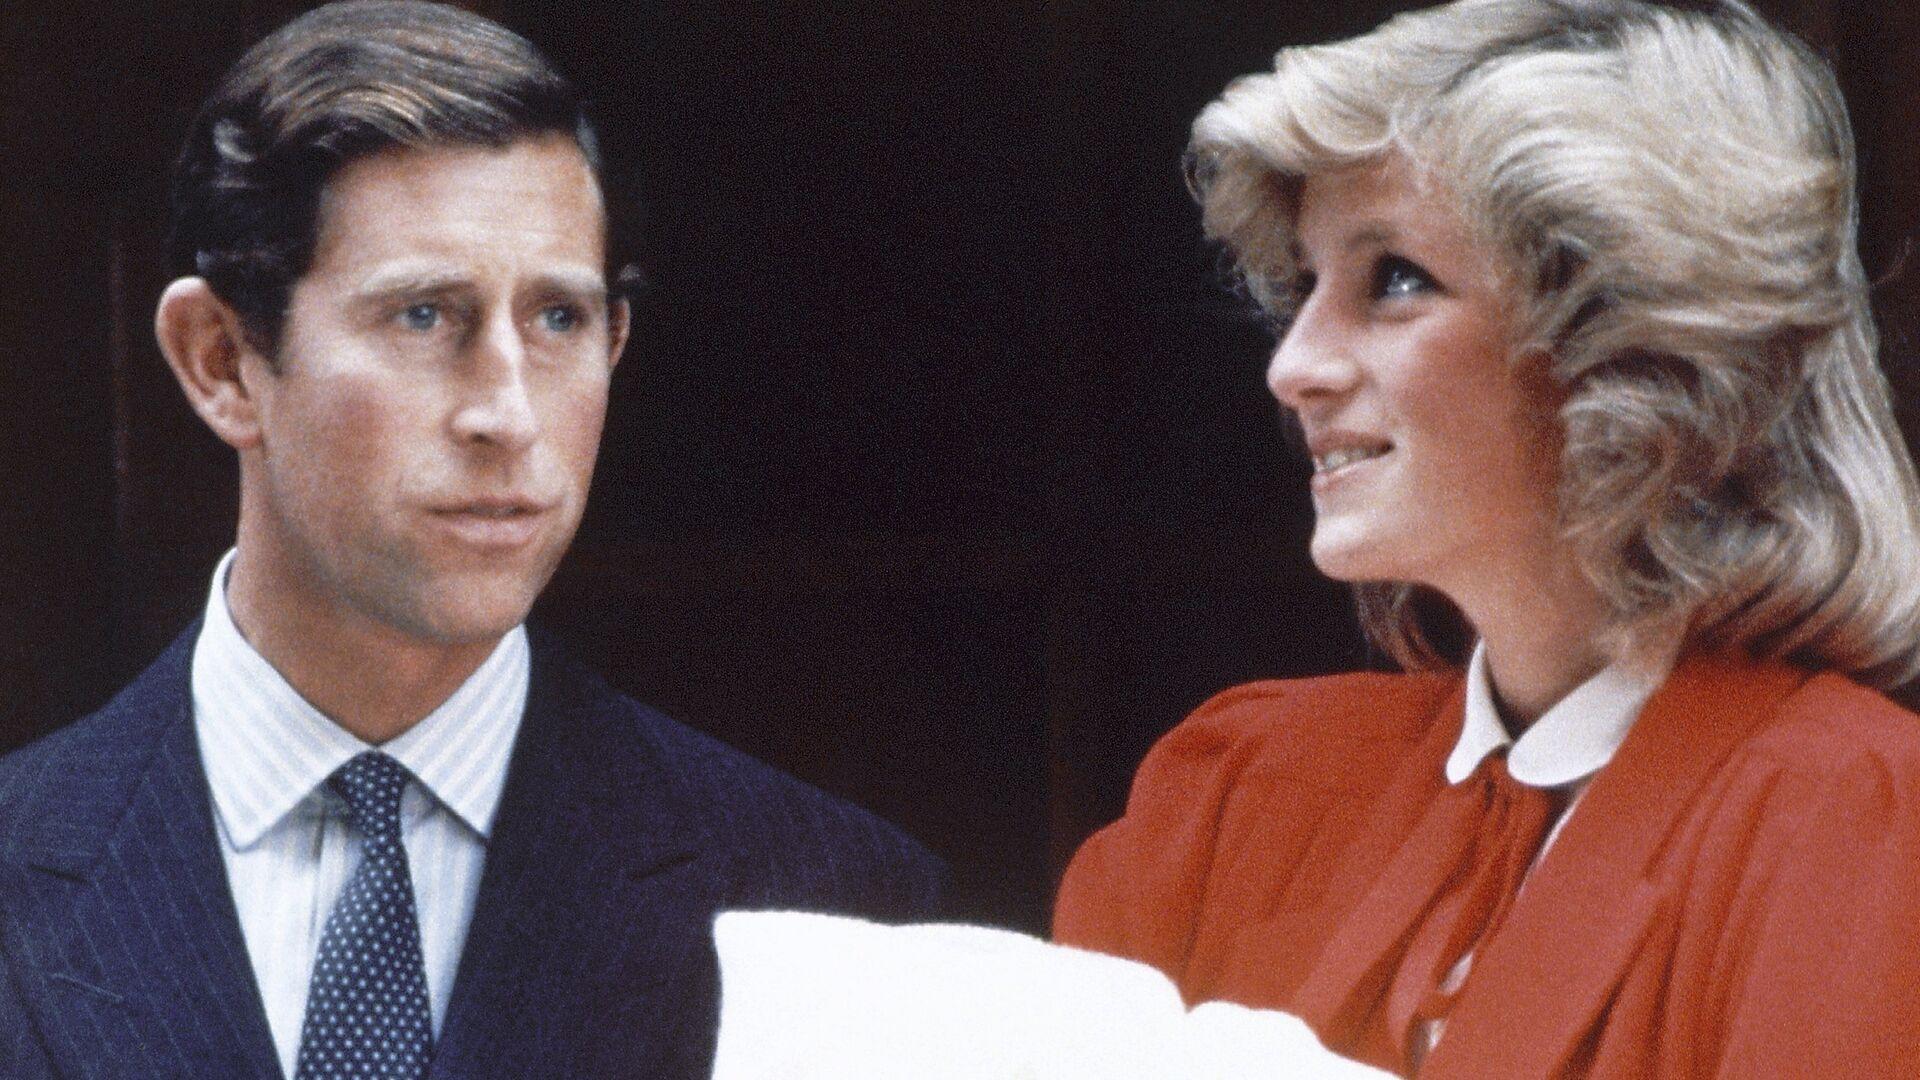 La princesa Diana y el príncipe Carlos con un hijo suyo - Sputnik Mundo, 1920, 30.06.2021